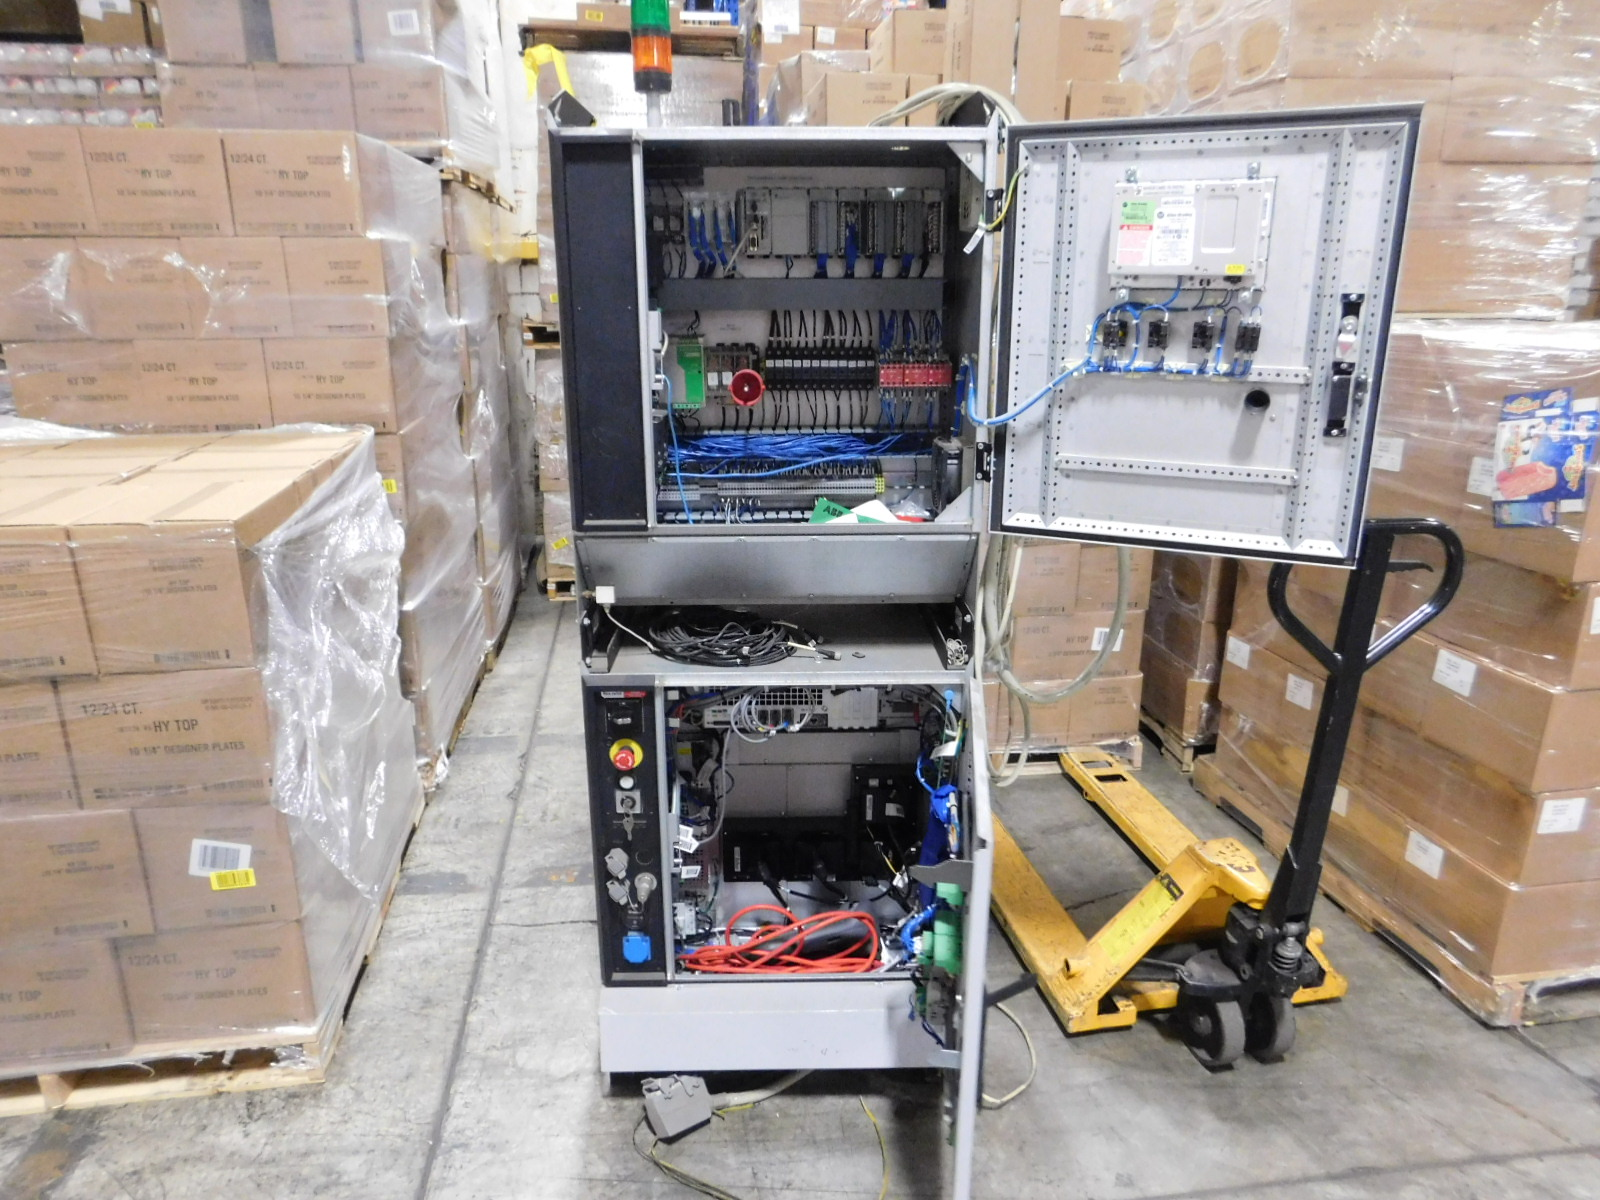 Lot 10 - ALLEN BRADLEY 721 68 Vasteras Type of robot IRB2600, Type IRC5 M2004 Ver. 53A 262V, voltage 3X480V